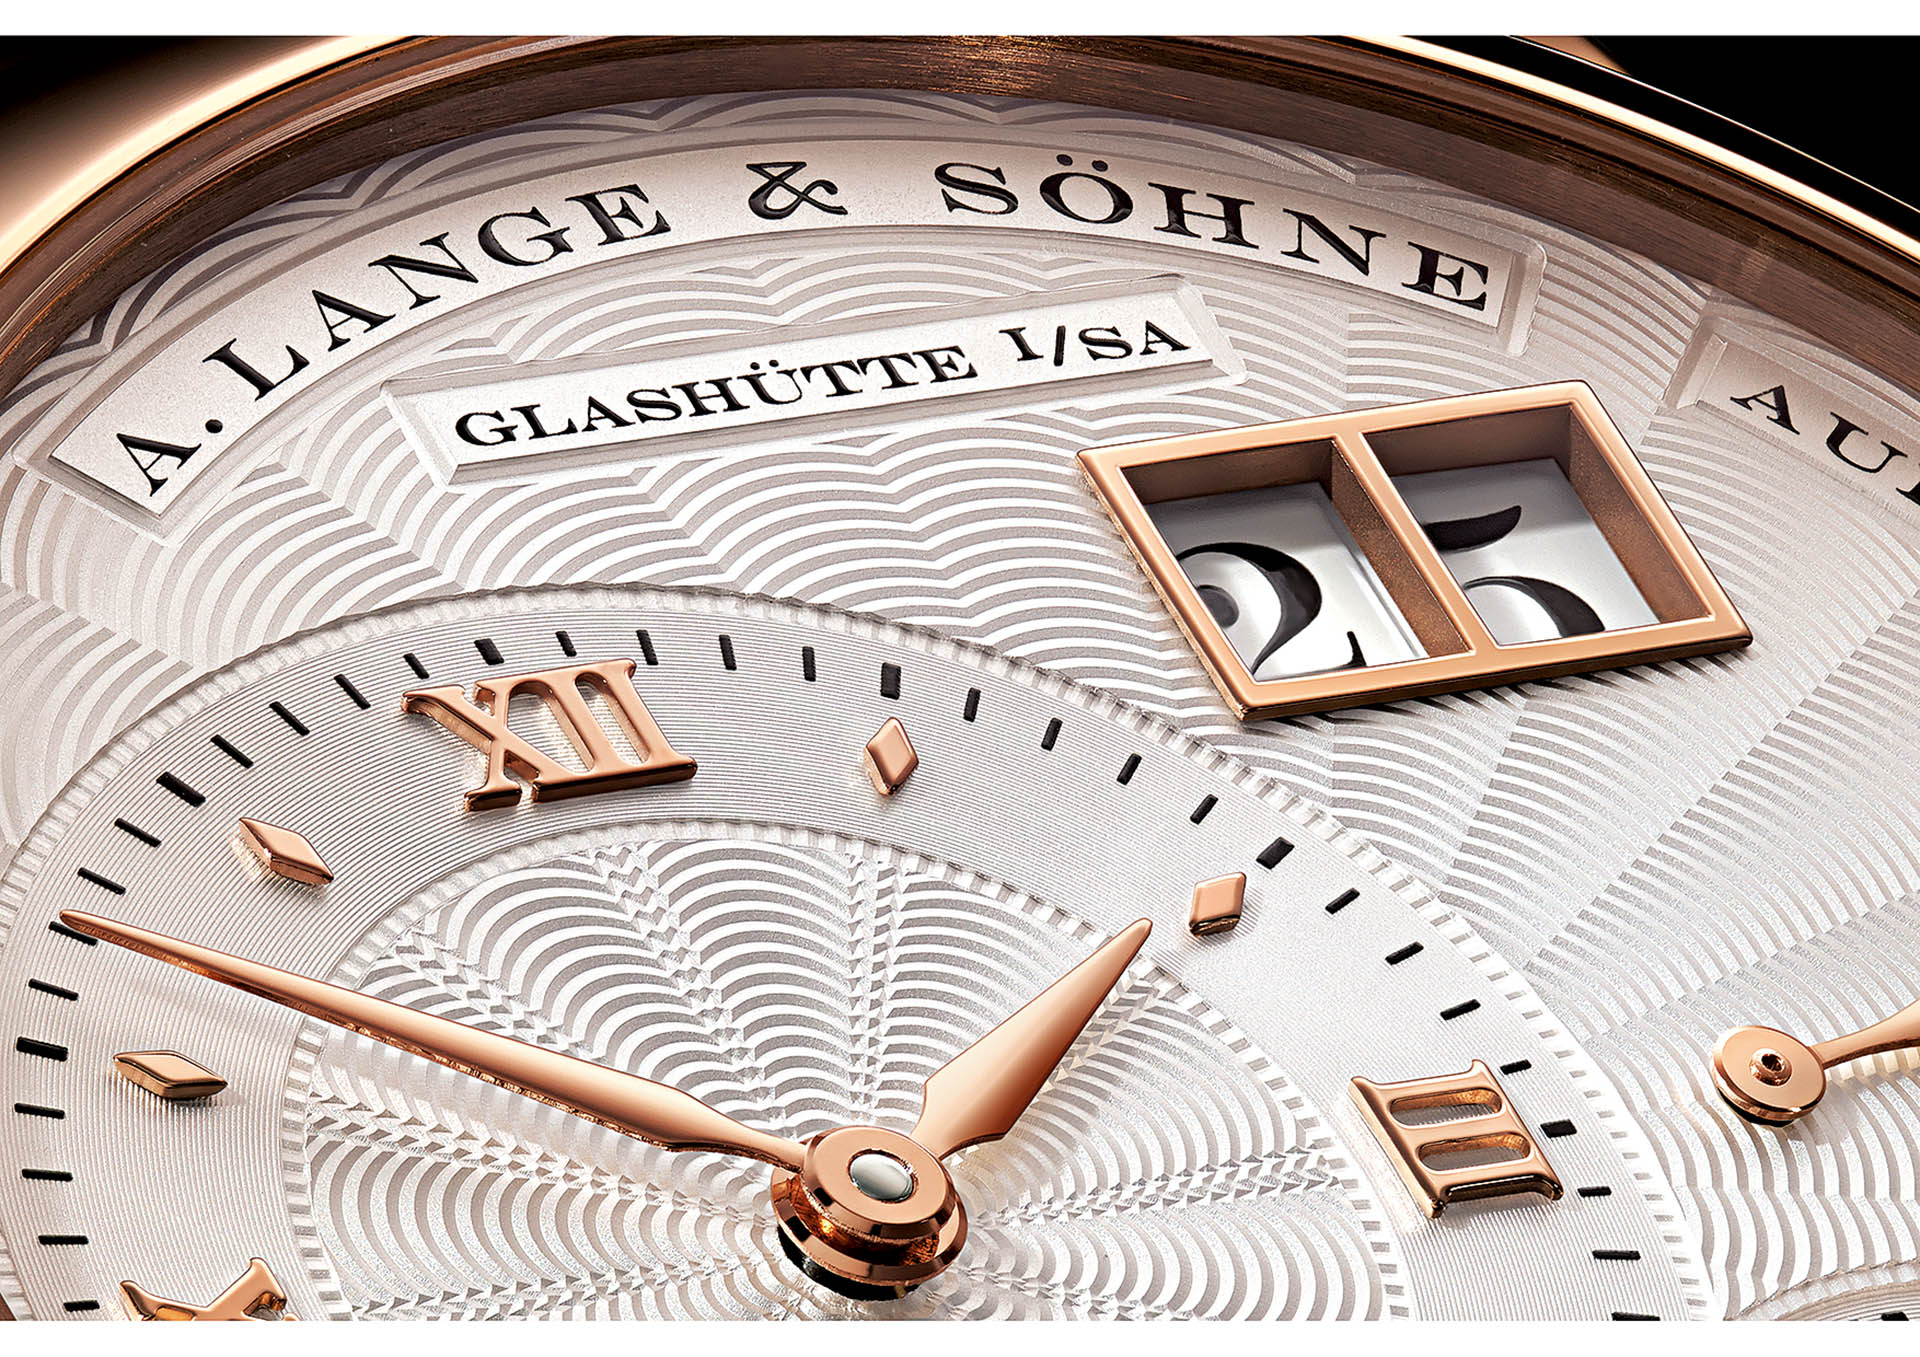 Top: Das Großdatum, hier von A. Lange & Söhne.